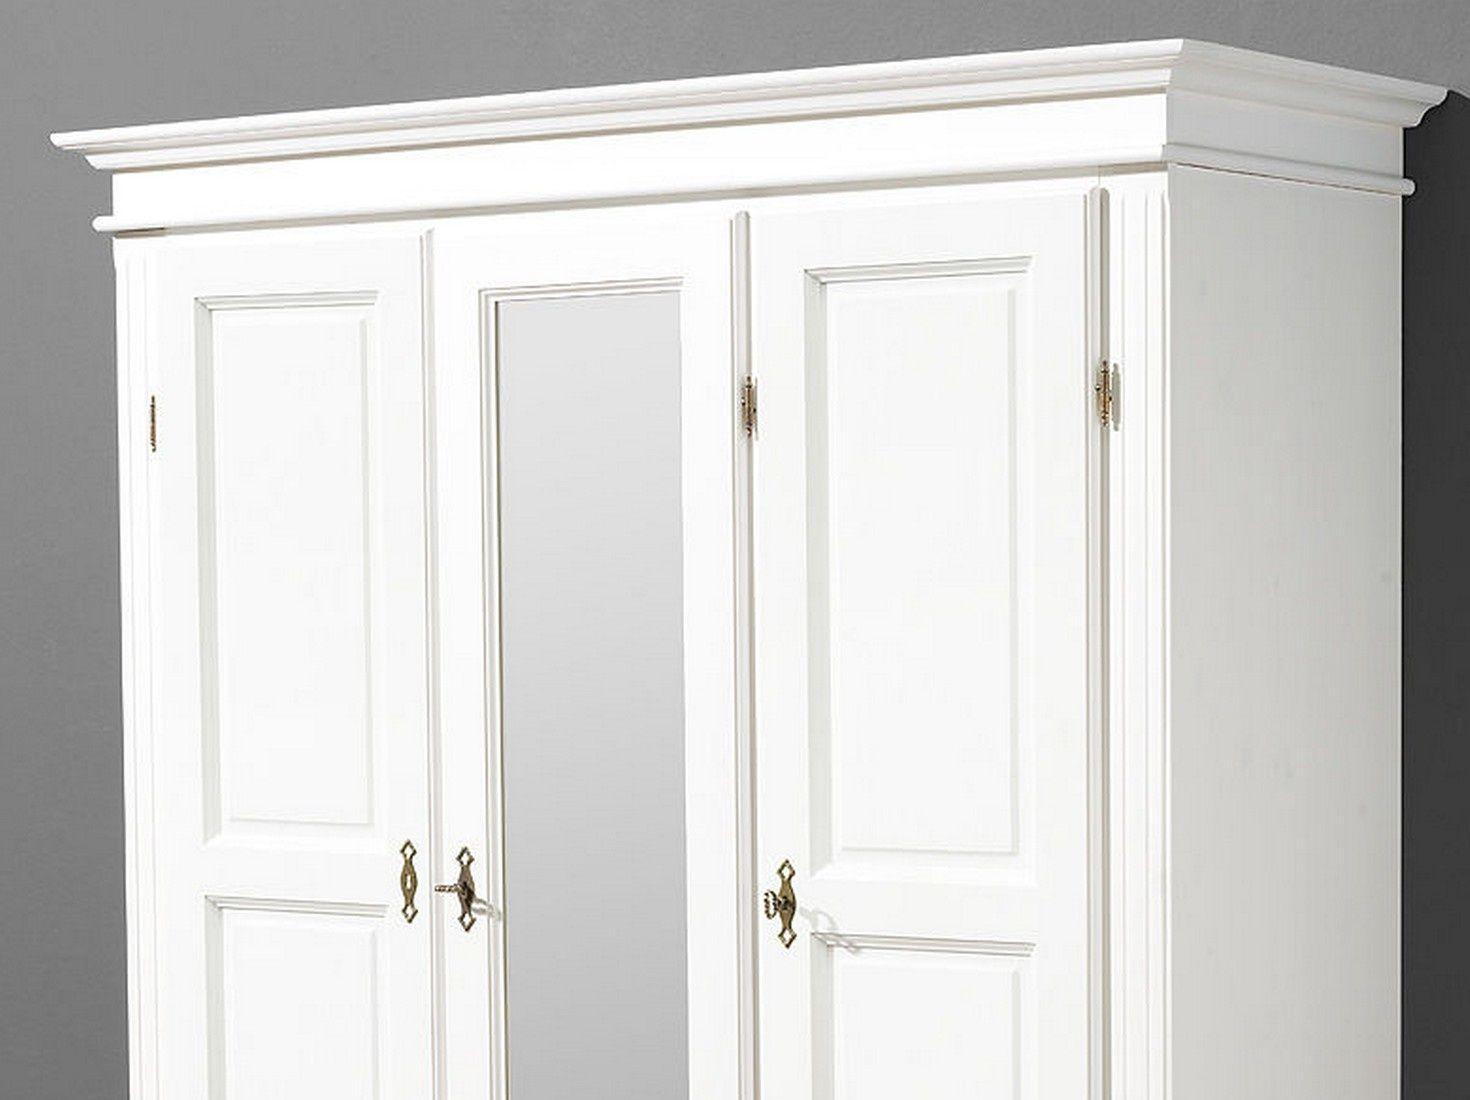 Kleiderschrank Dielenschrank Fichte Massiv Weiss Lassiert 3 Mit